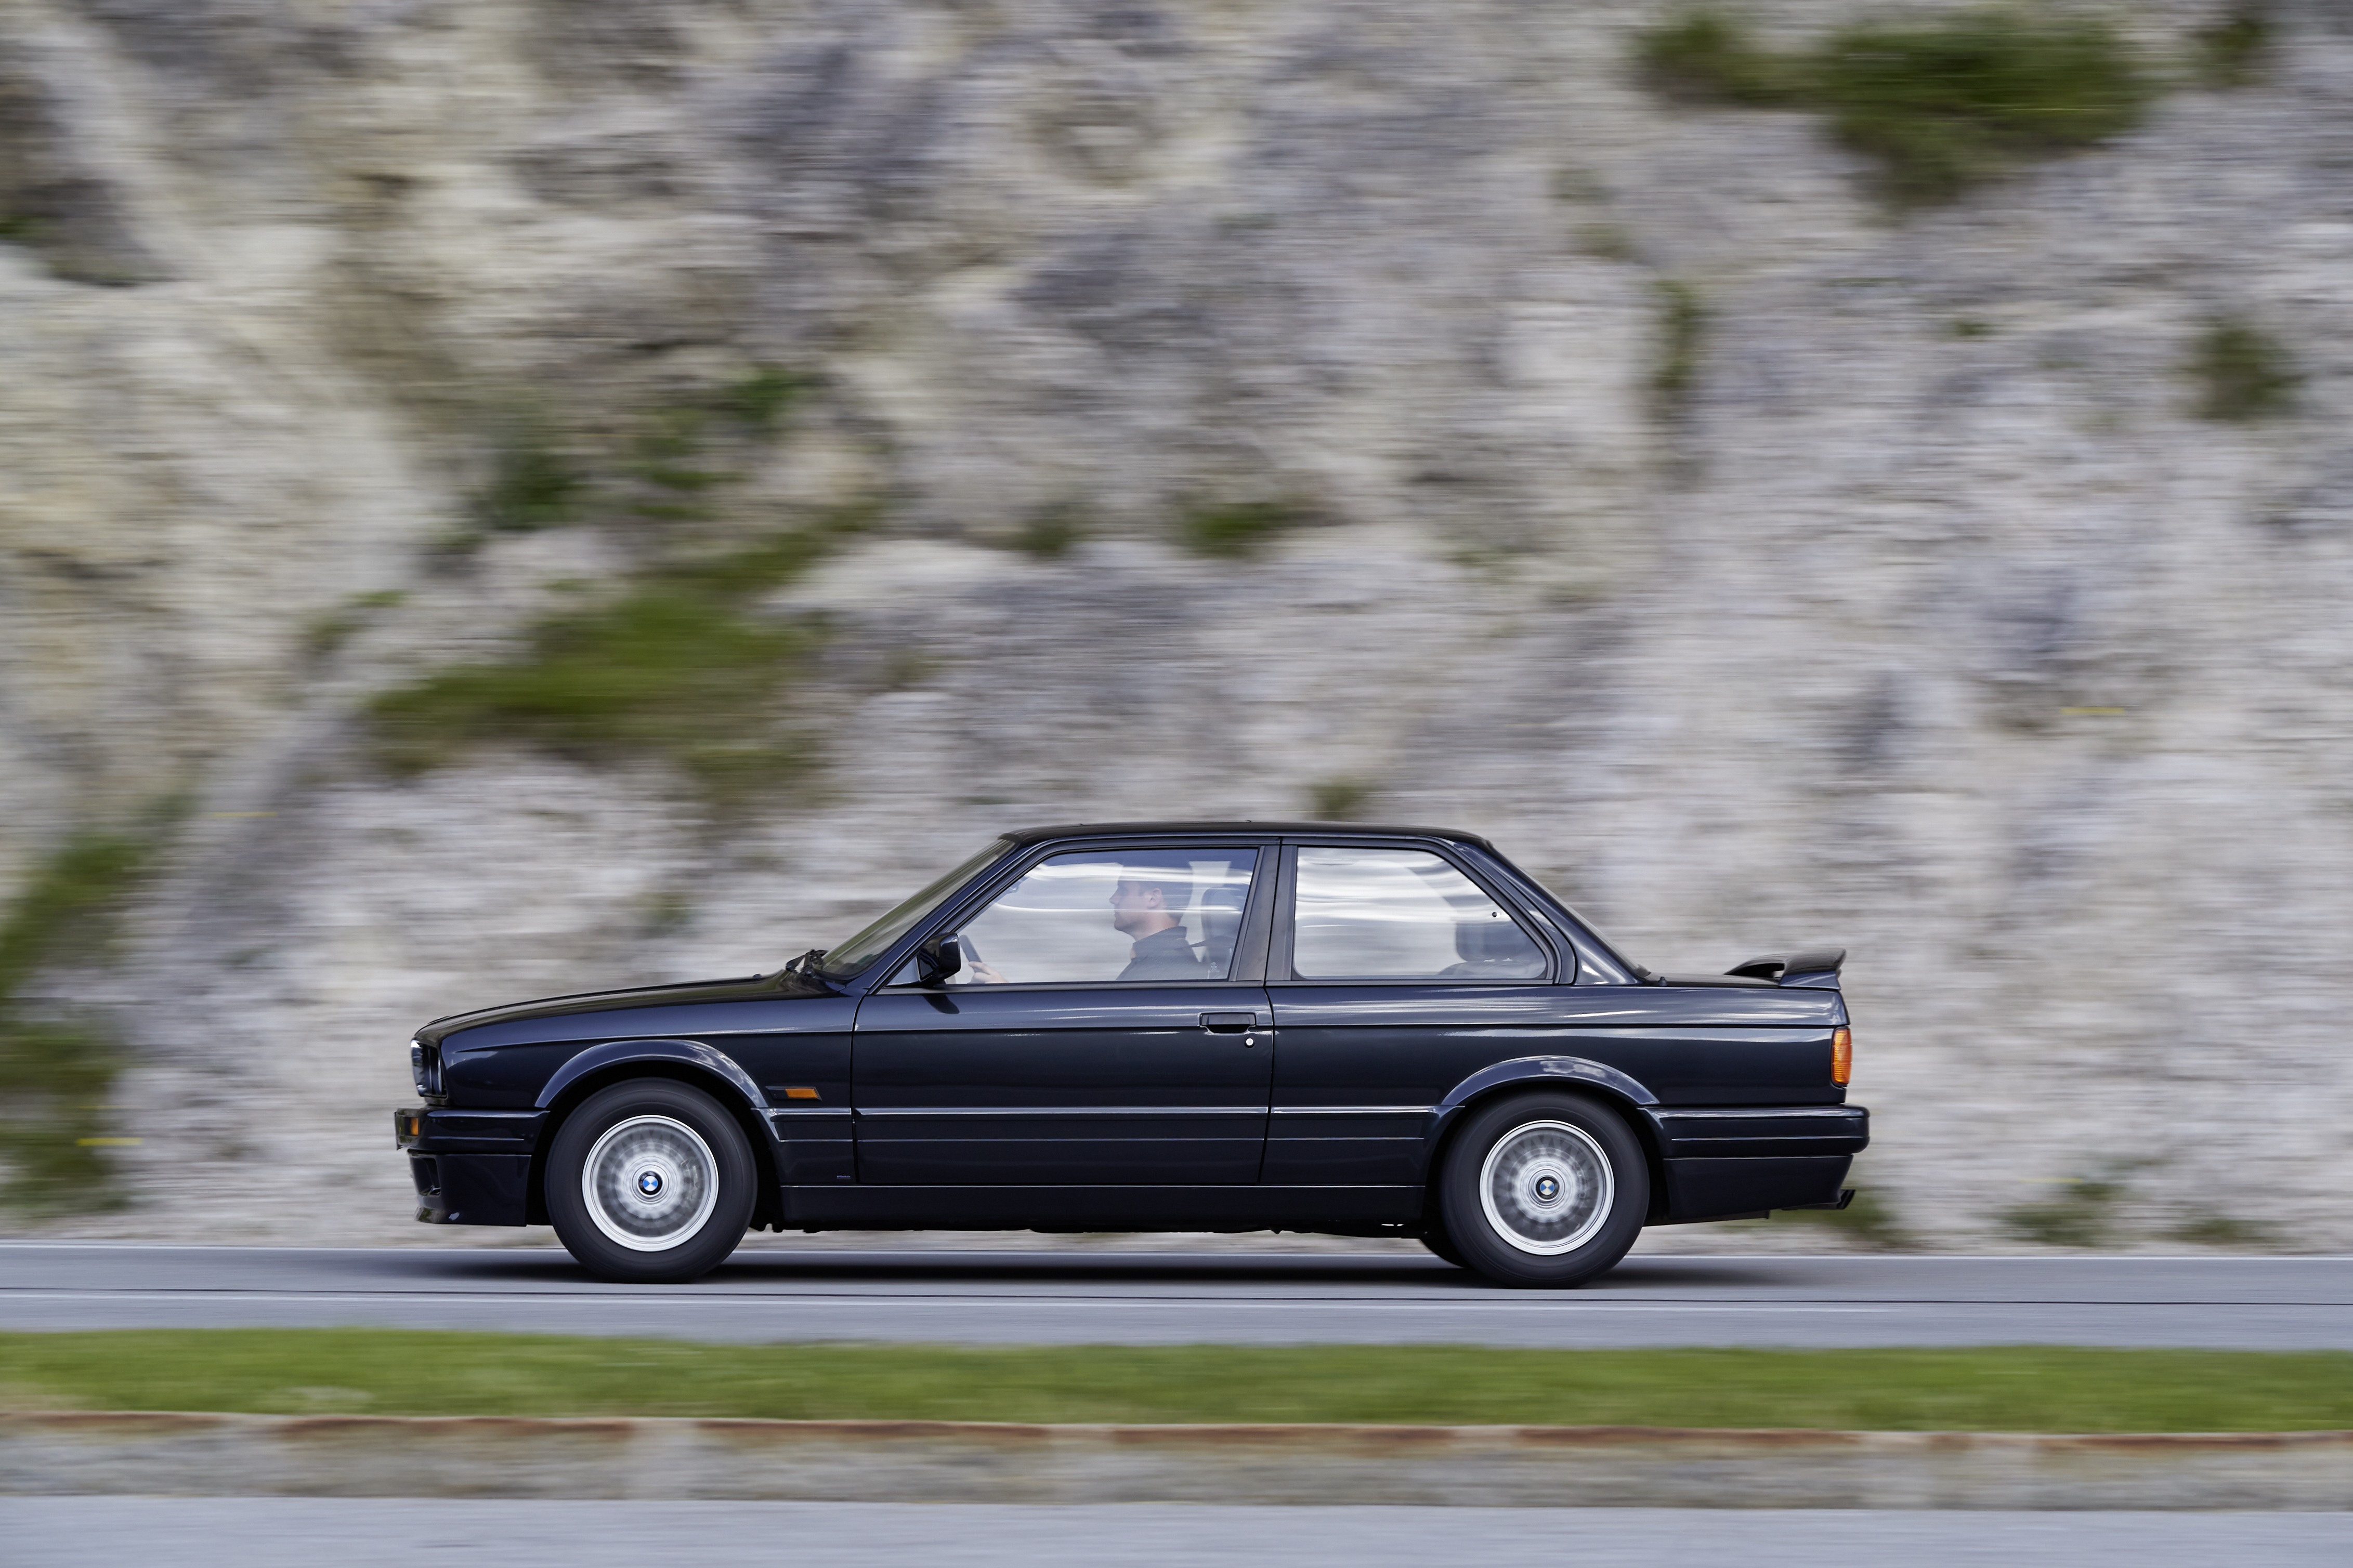 BMW Série 3 E30 1986